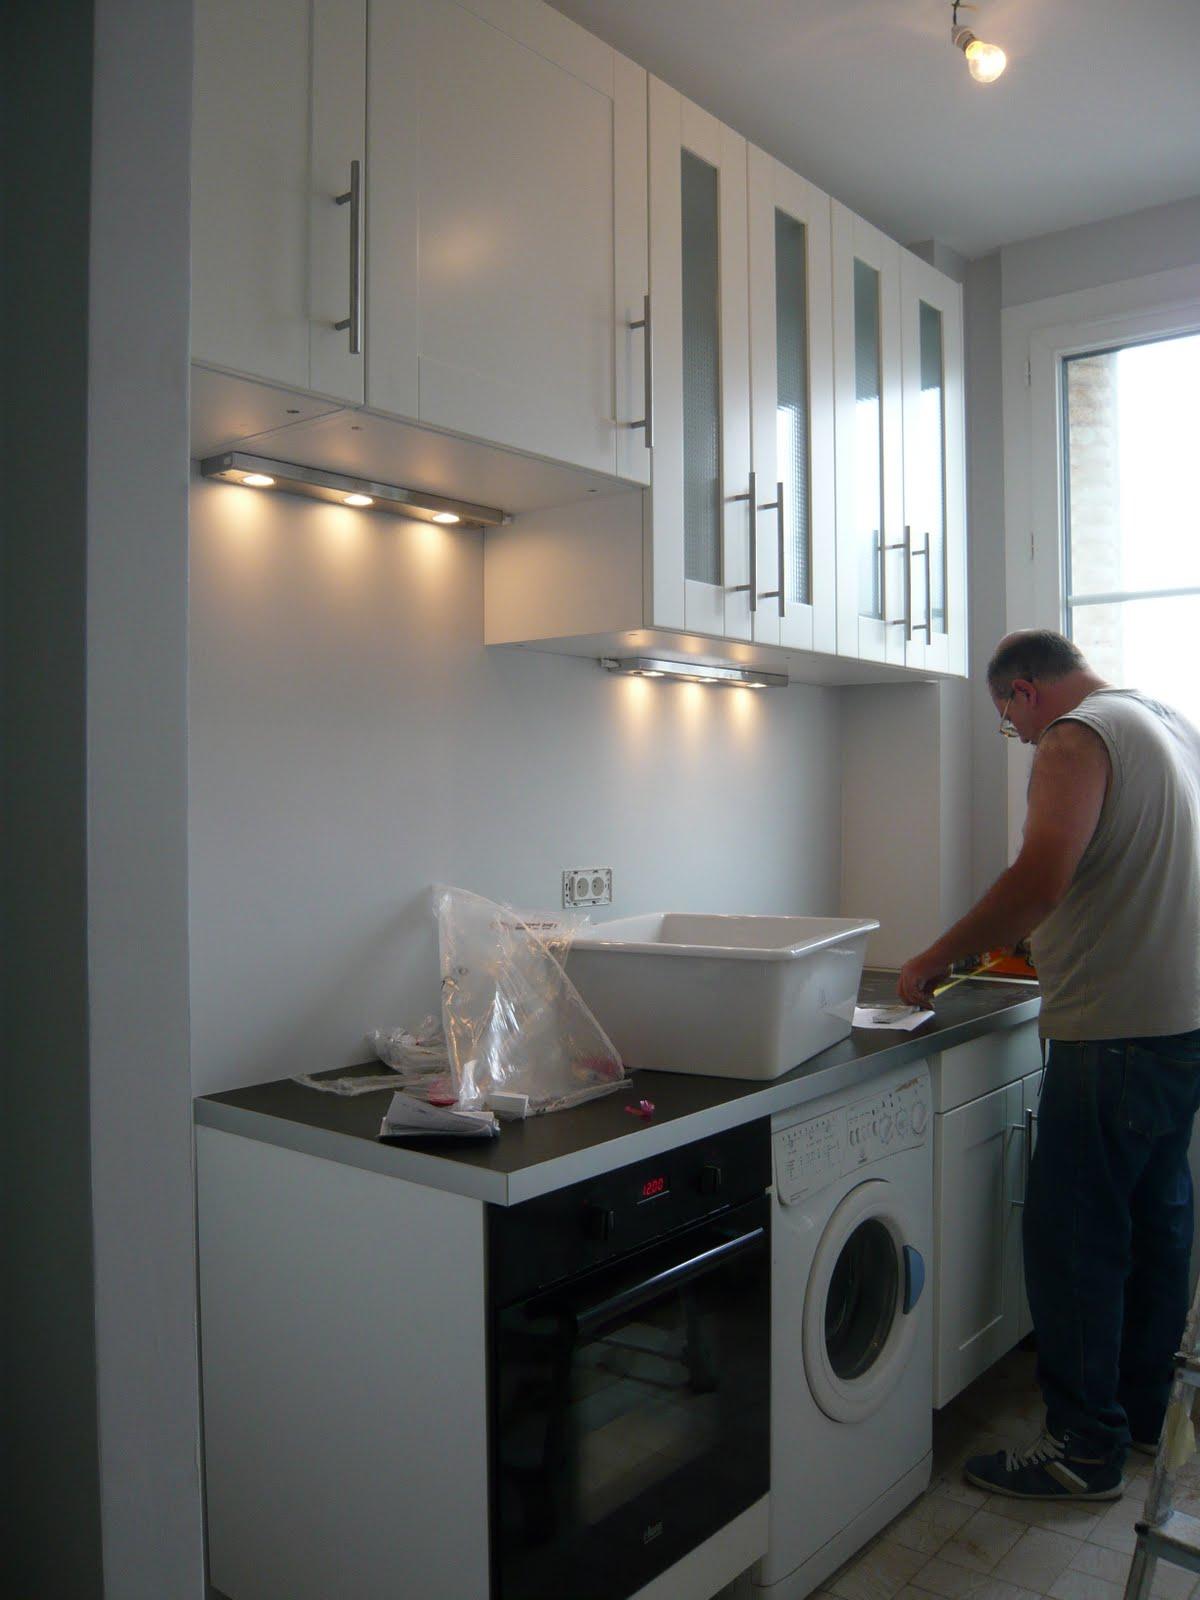 Bo travo concept peintures parquet cuisine - Pose d une cuisine ikea ...